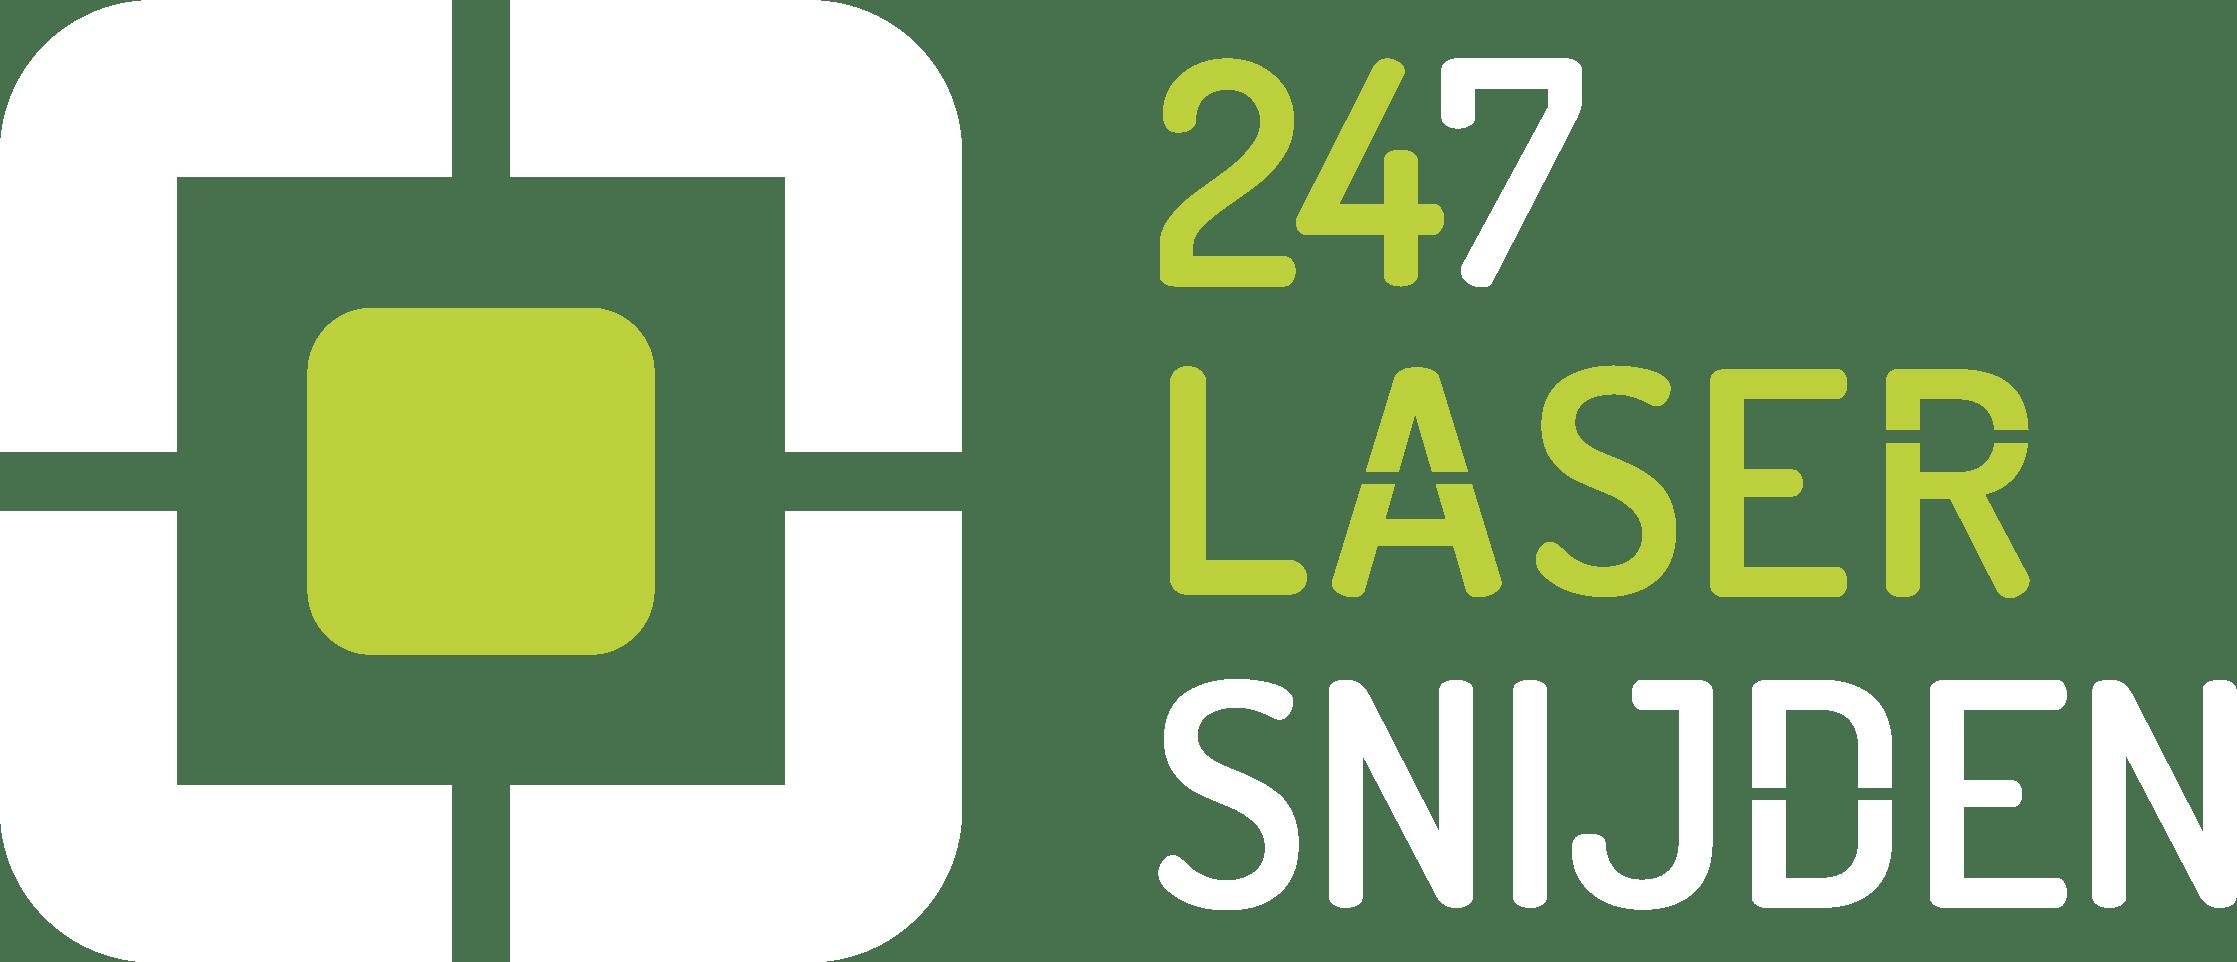 247 Lasersnijden